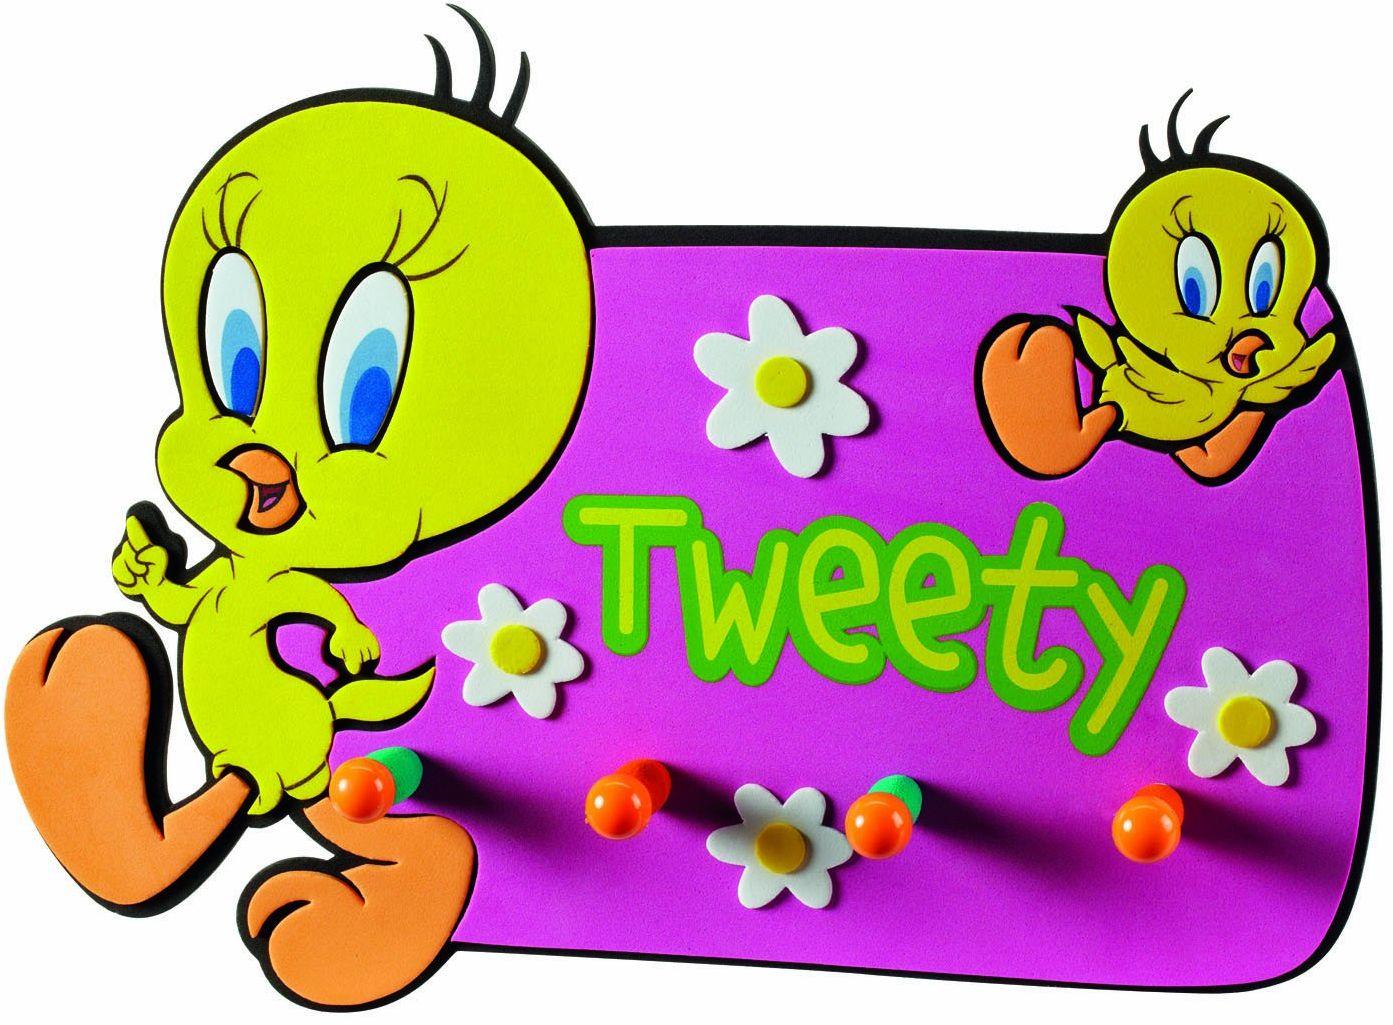 Joy Toy 020101 33 x 23 cm Looney Tunes Tweety plastikowy wieszak ścienny